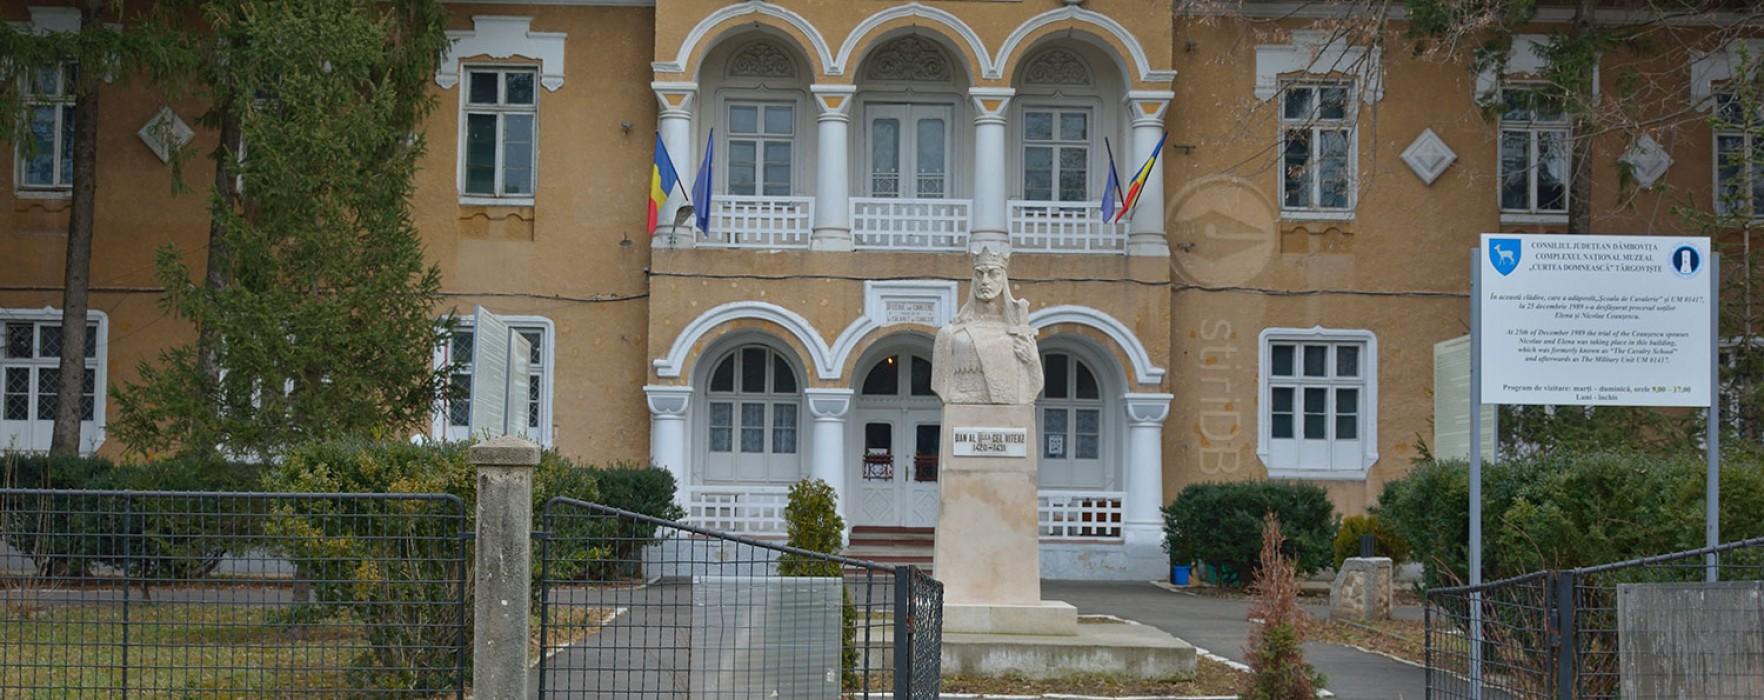 CJ Dâmboviţa: Mall-ul care se va construi pe amplasamentul fostei unităţi de la UM Gară Târgovişte nu va afecta Muzeul Comunismului